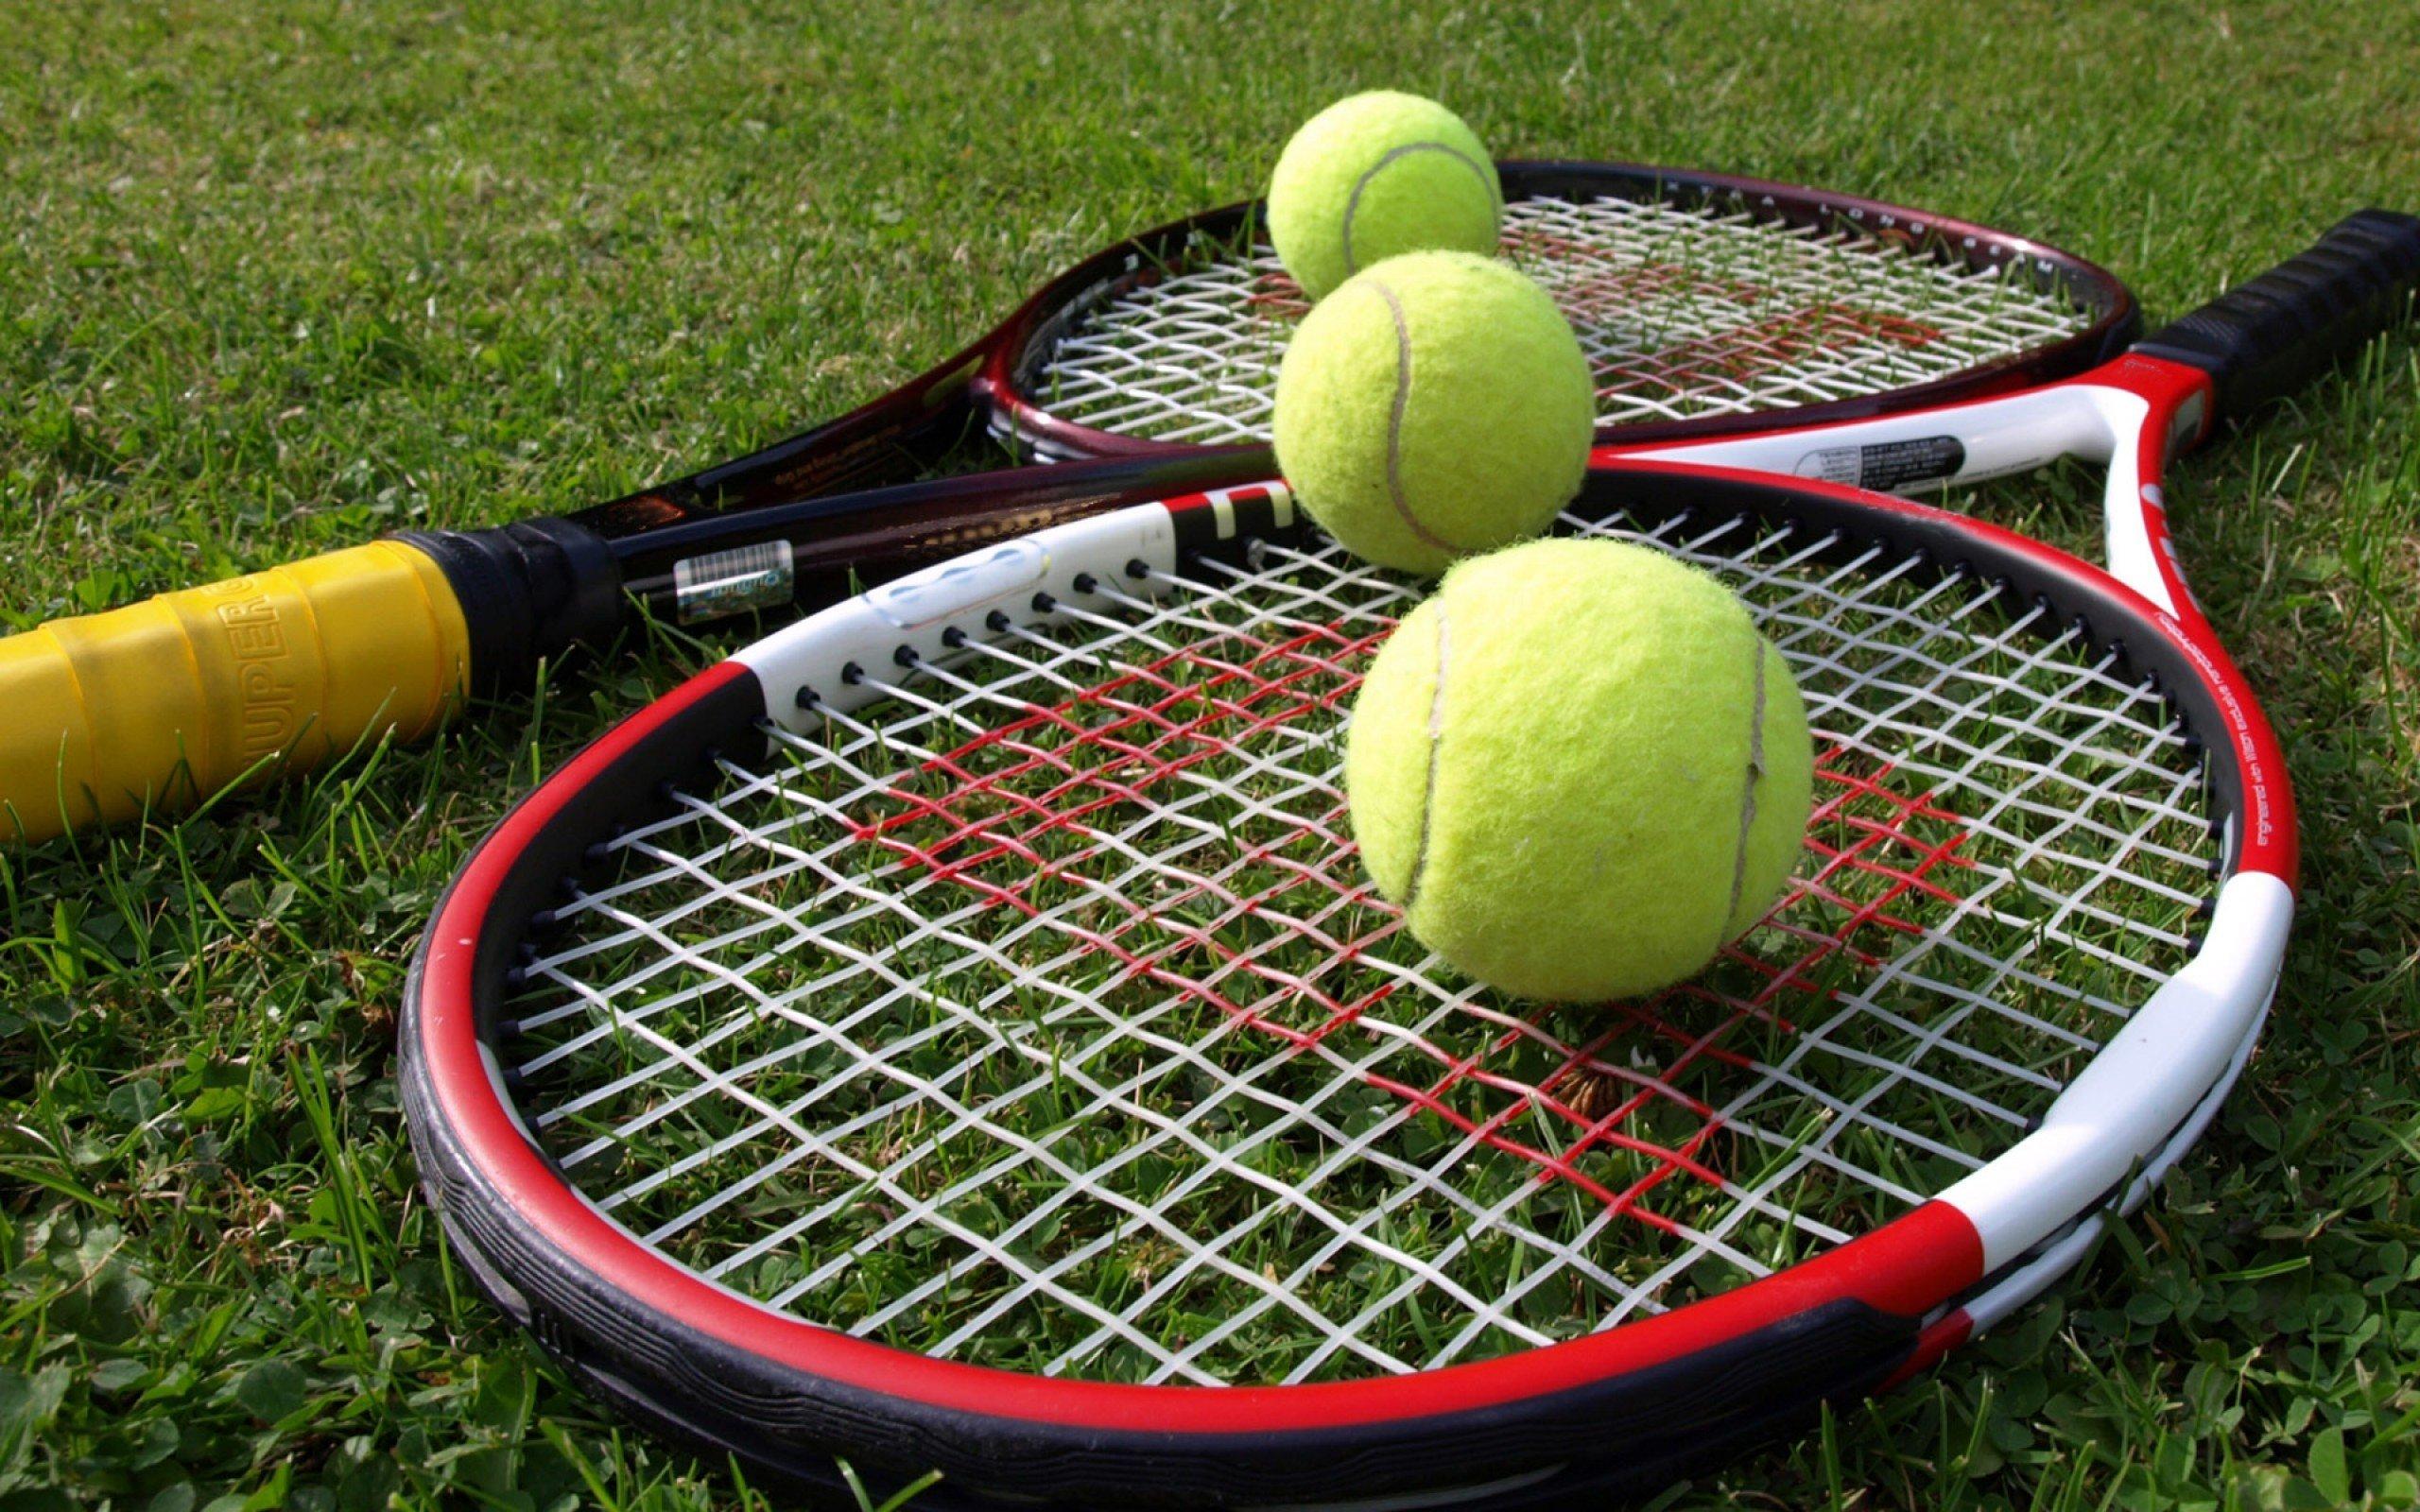 Ставки на матч Родина – Бертенс, прогноз на теннис от 21.09.2018